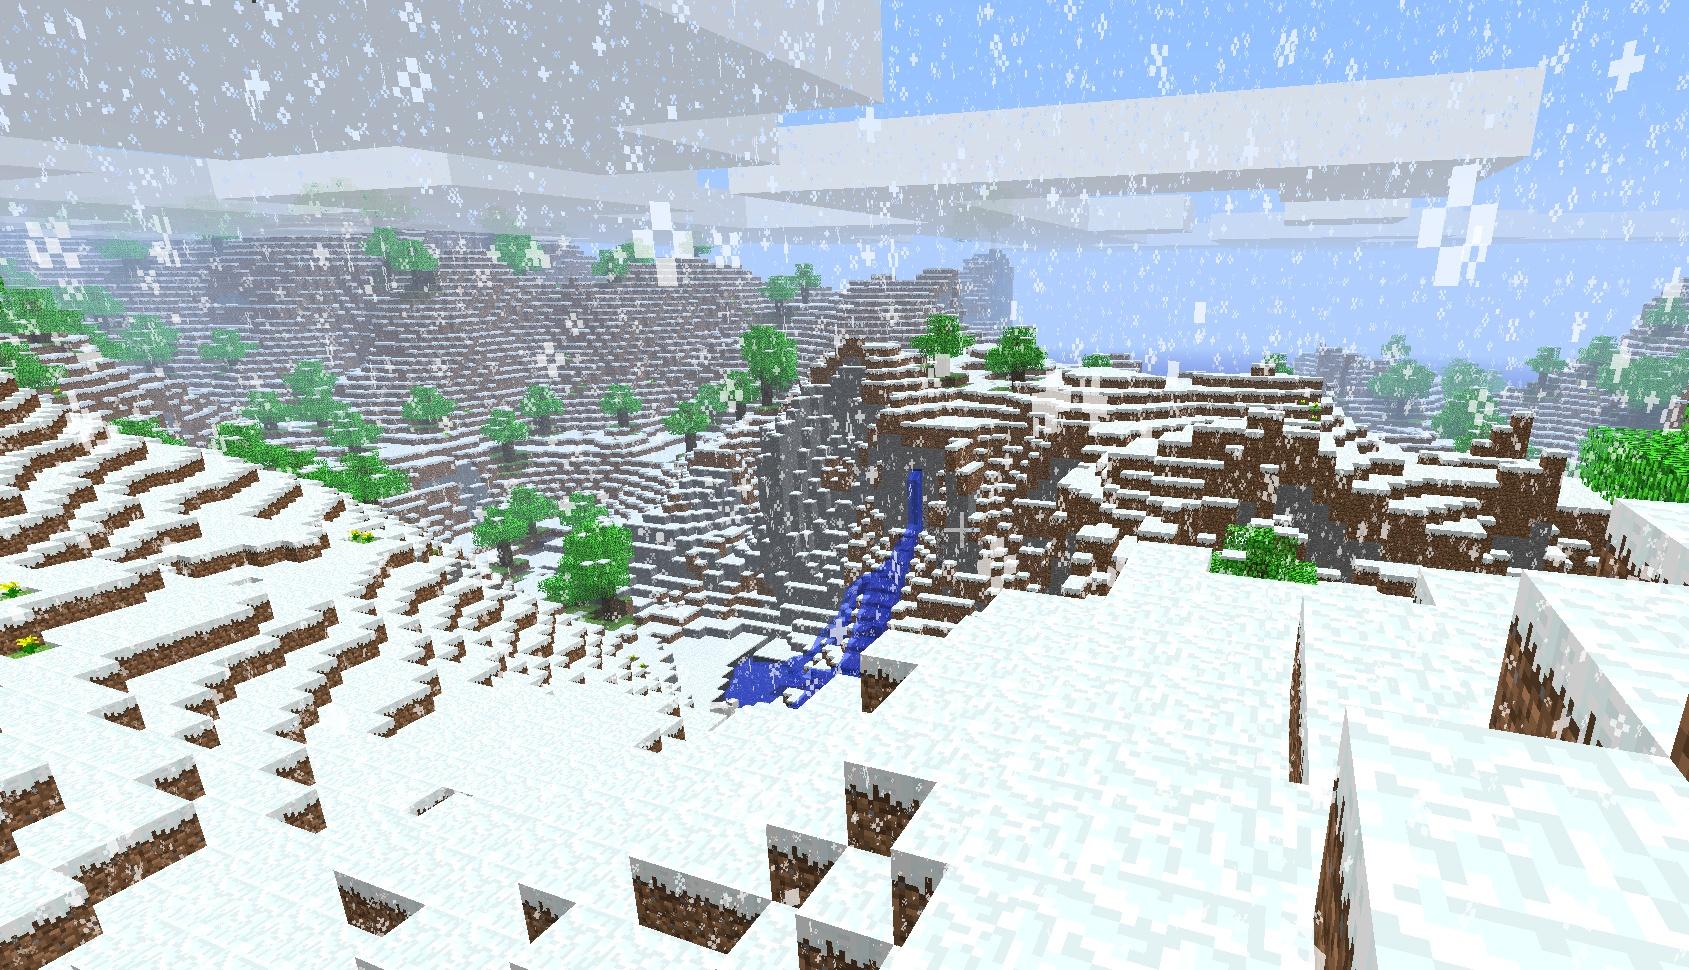 id карт снежная карта в майнкрафт #5